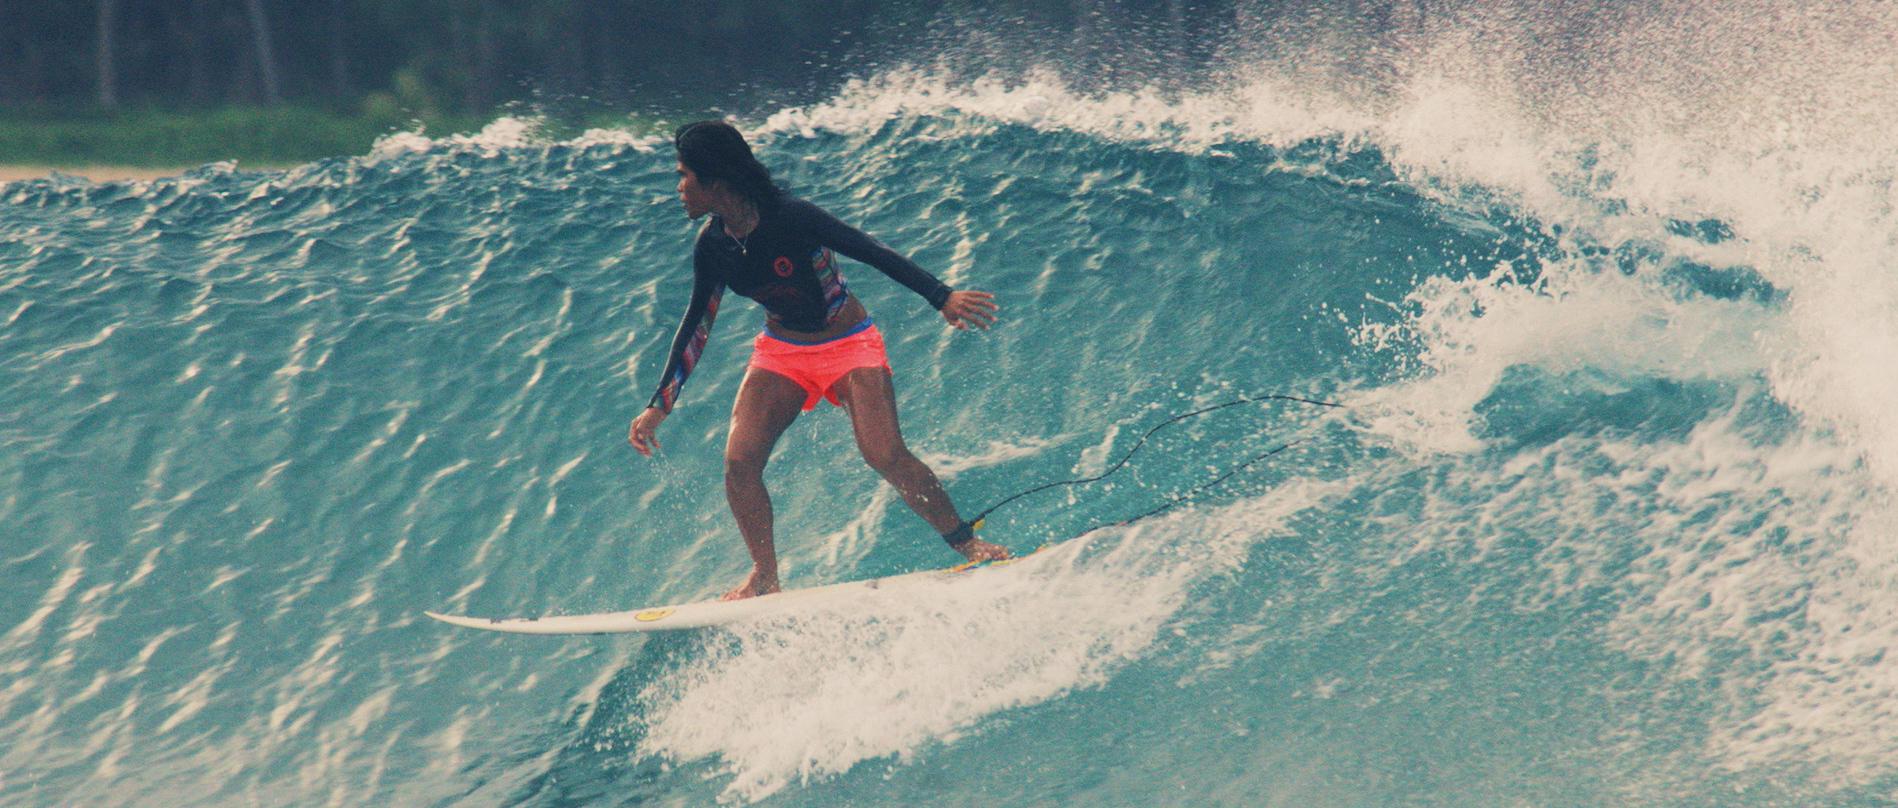 point of change womens surf film festival lava girl surf